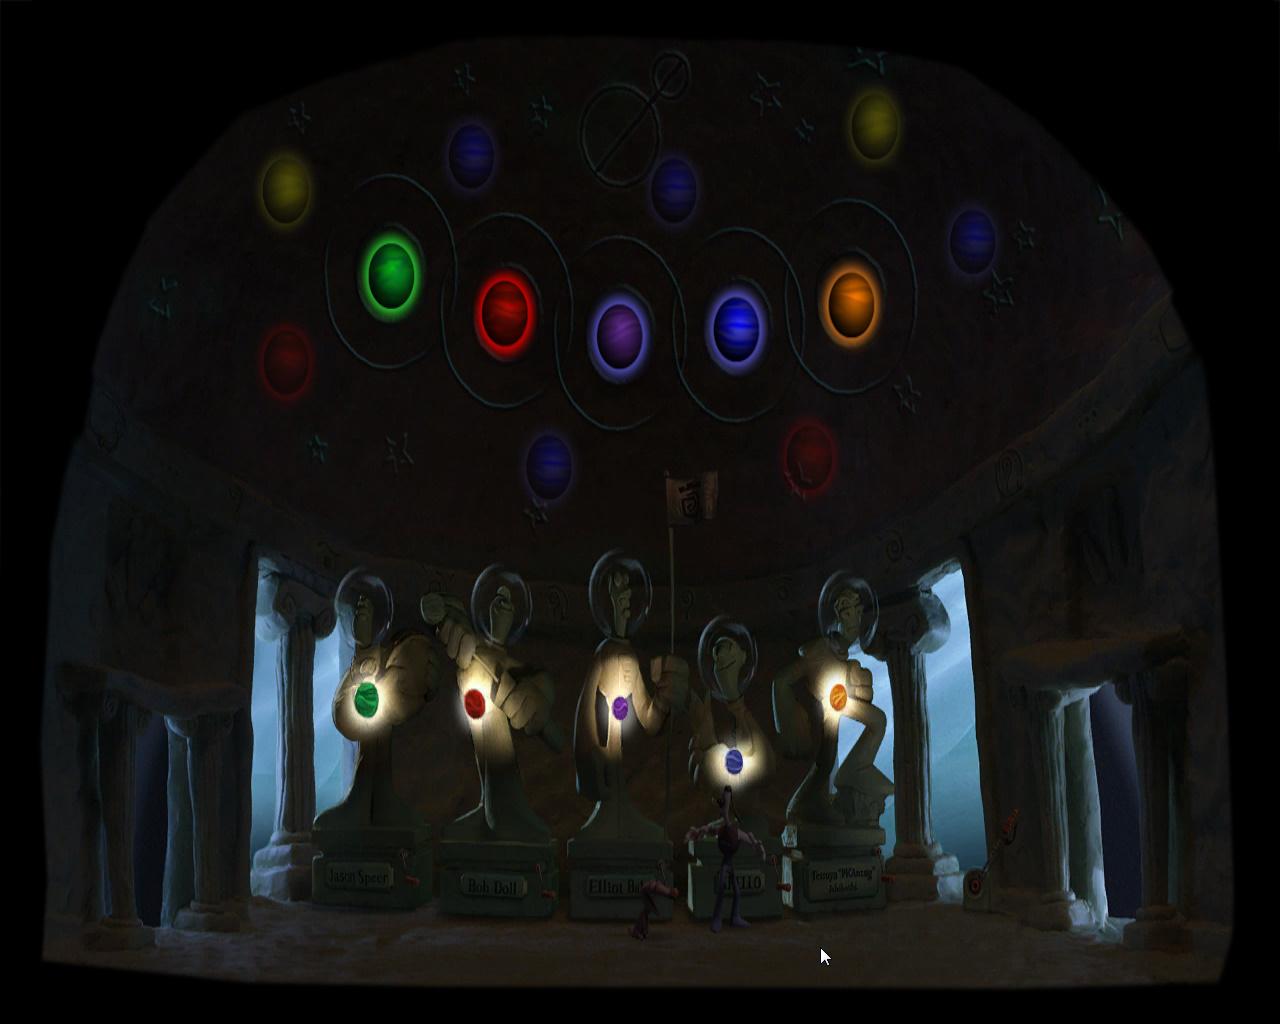 Армикрог - Интересная головоломка со статуями (уровень 2)